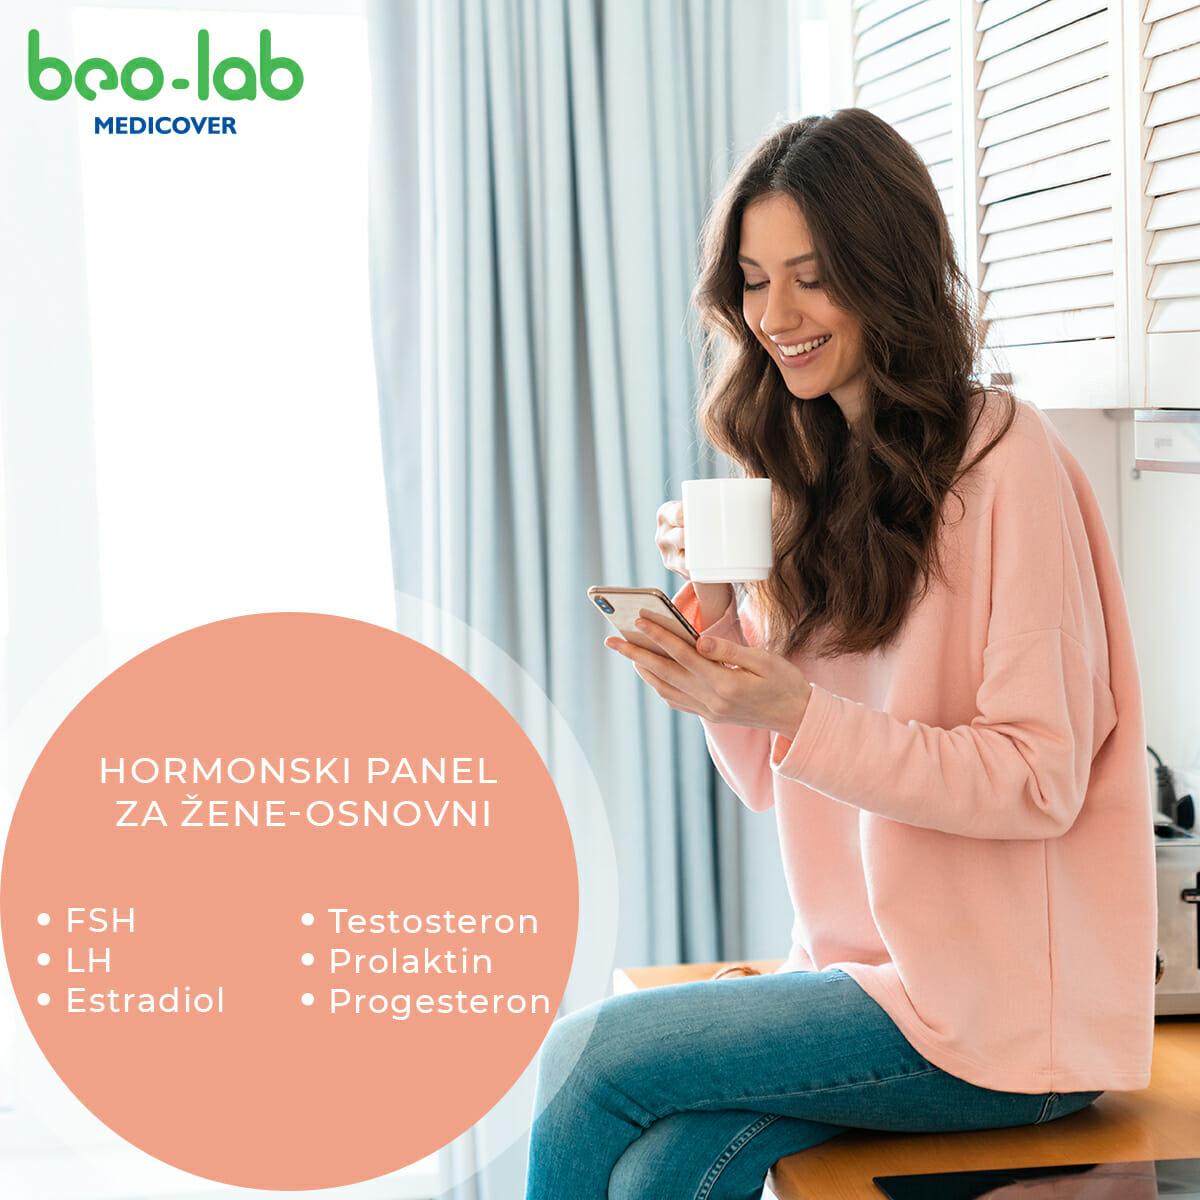 Hormonski panel za žene - osnovni